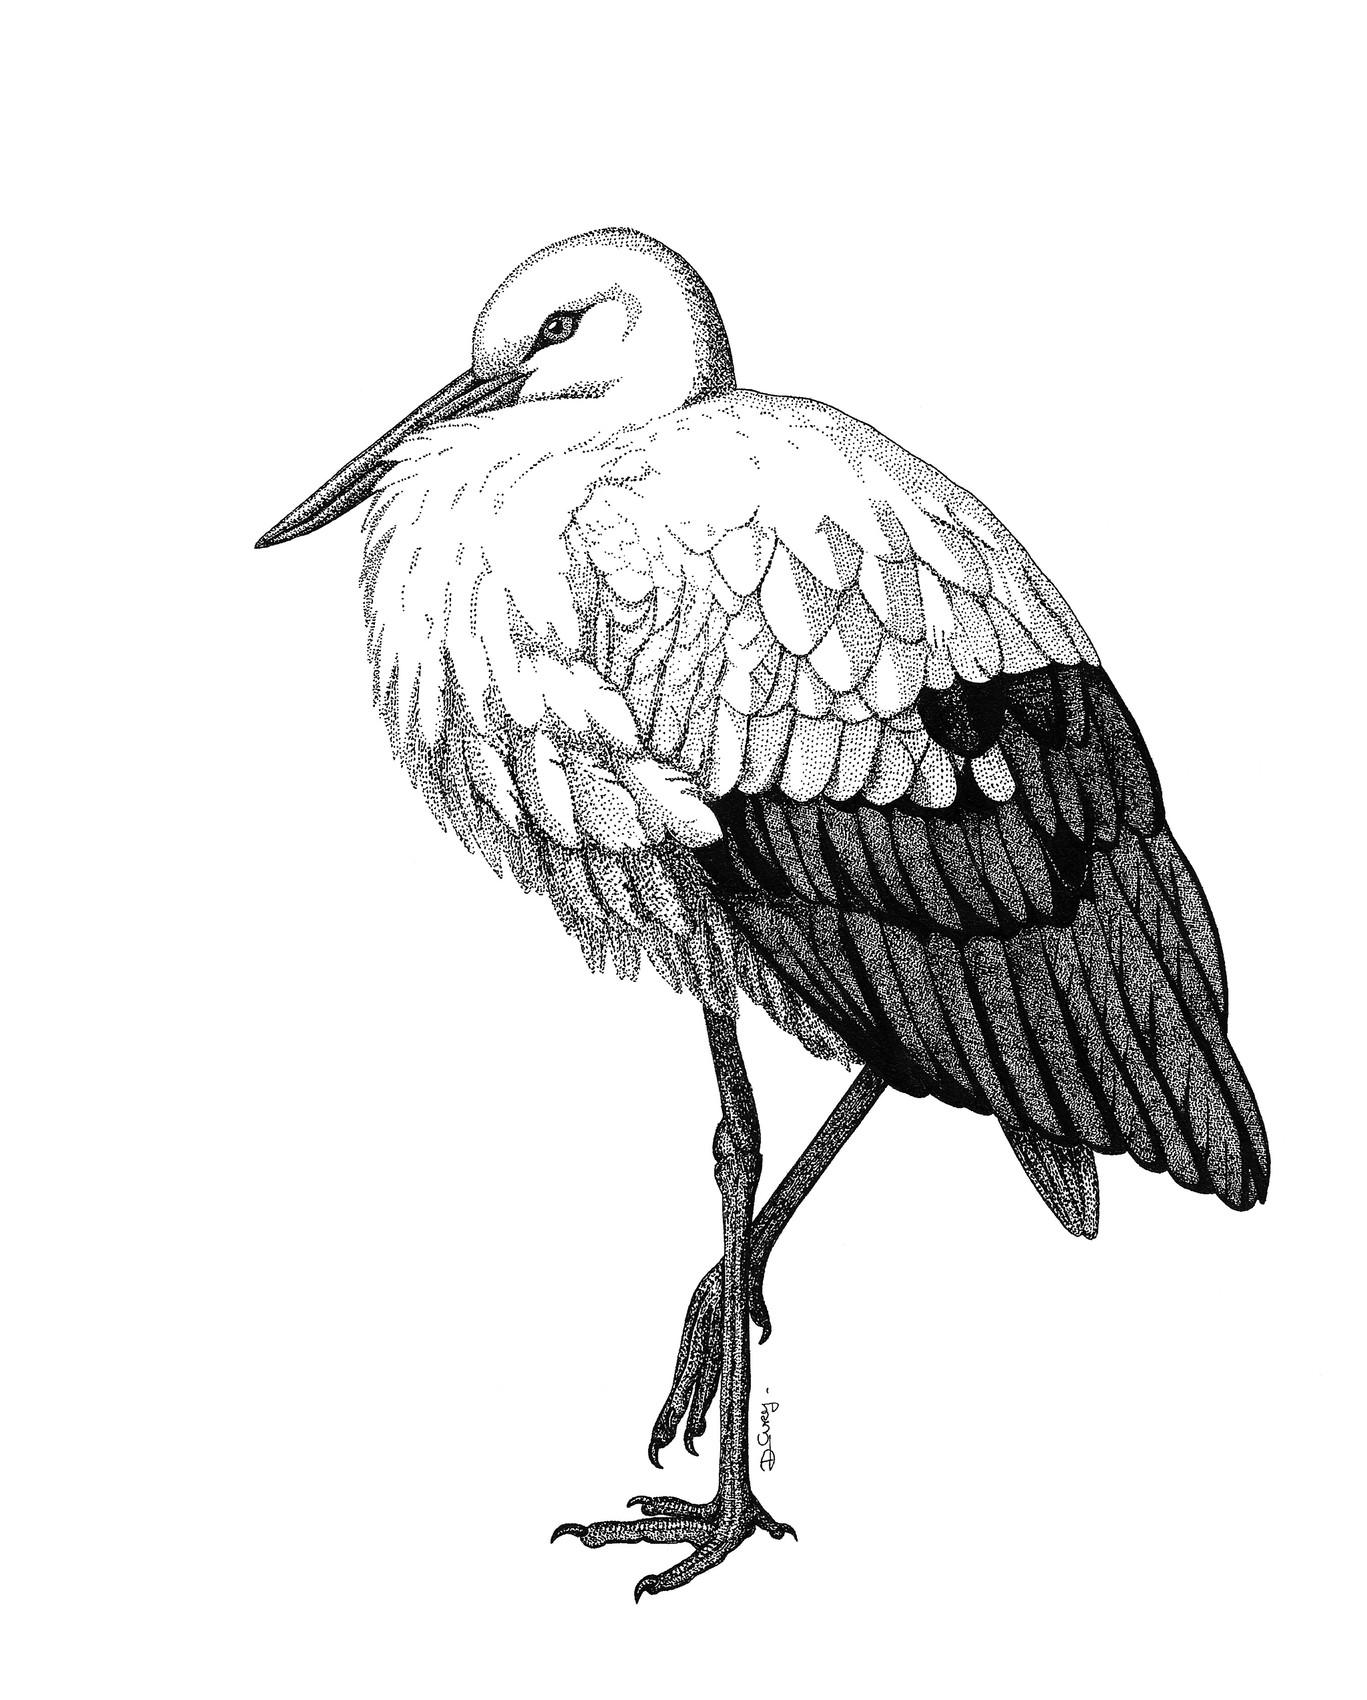 Dessin cigogne blanche - Cigogne dessin ...